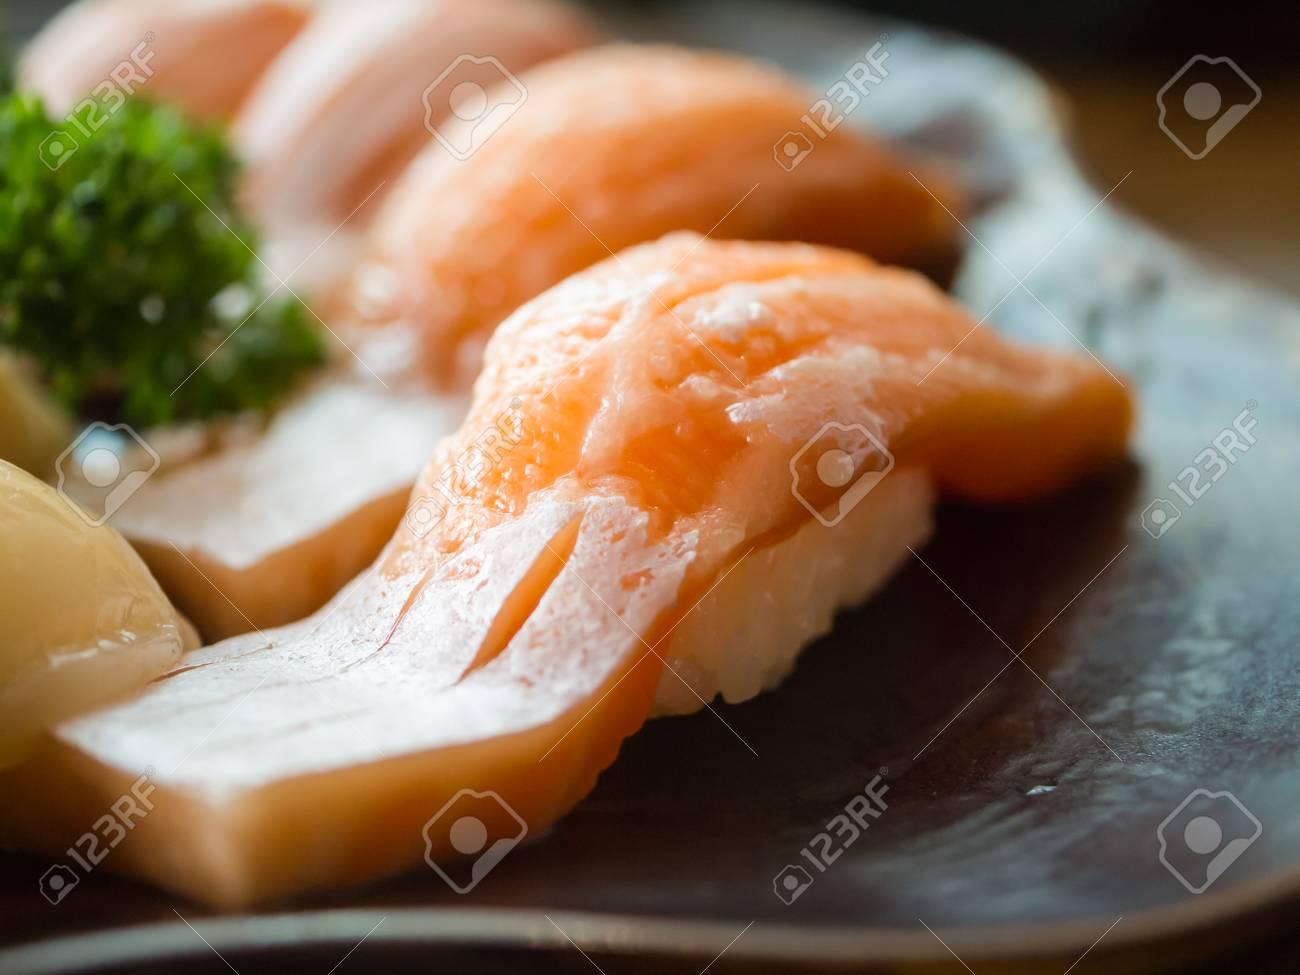 Toro Salmon Or Fatty Salmon Sushi Background Concept Stock Photo 1300x975